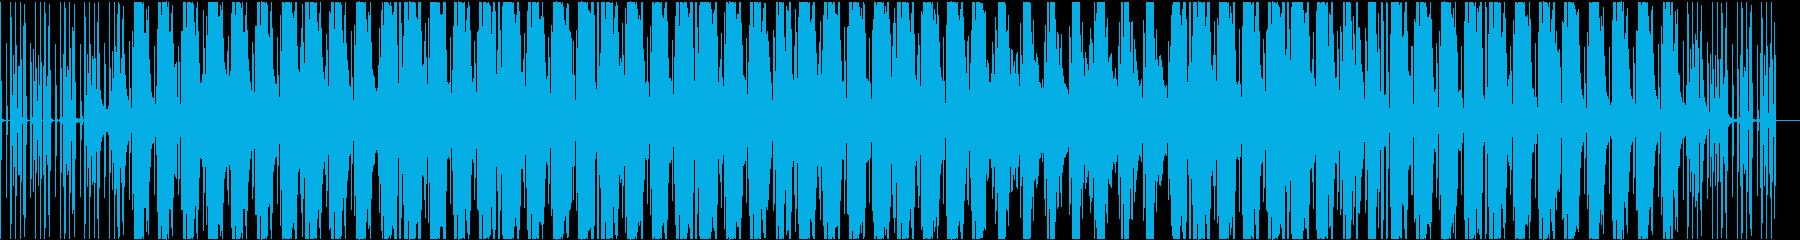 リラックスしたかっこいジャズヒップホップの再生済みの波形